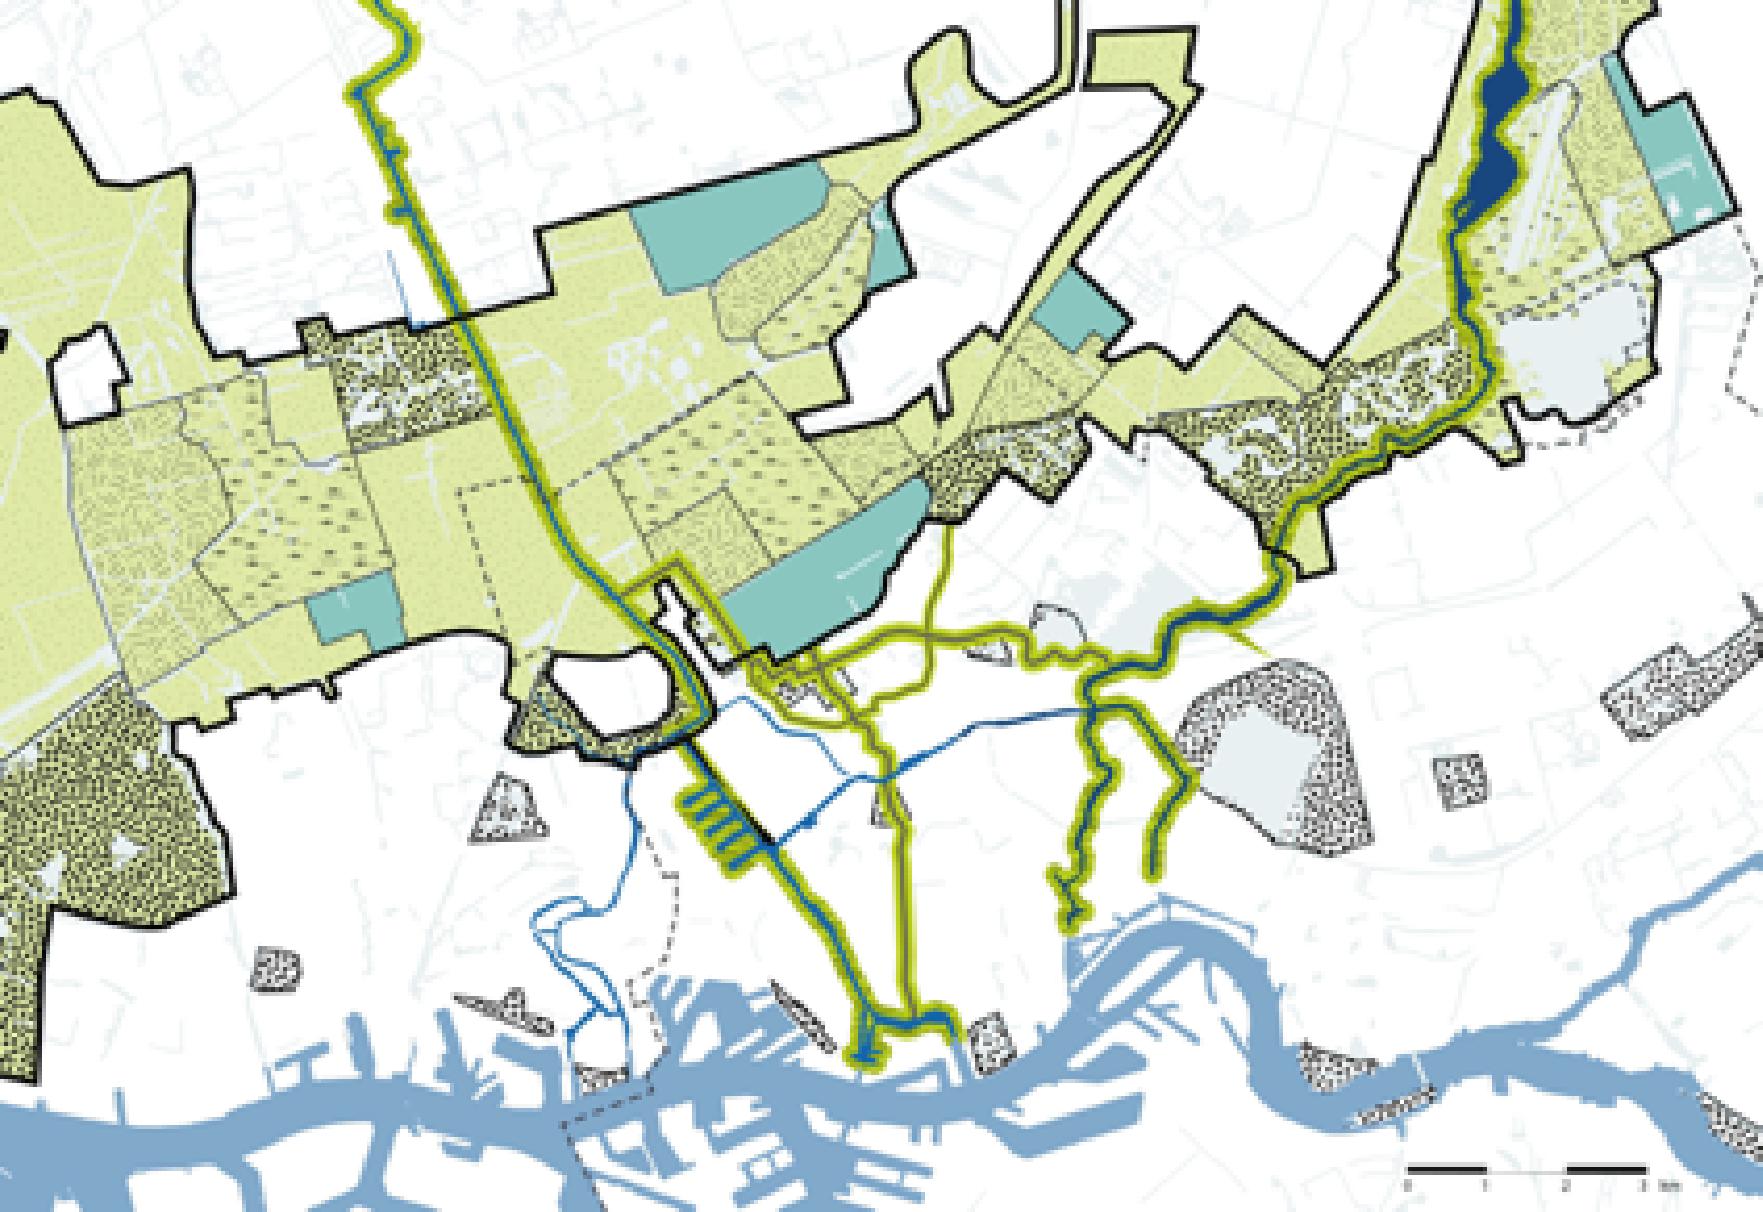 MSc landscape architecture proposal Resilient Rotterdam